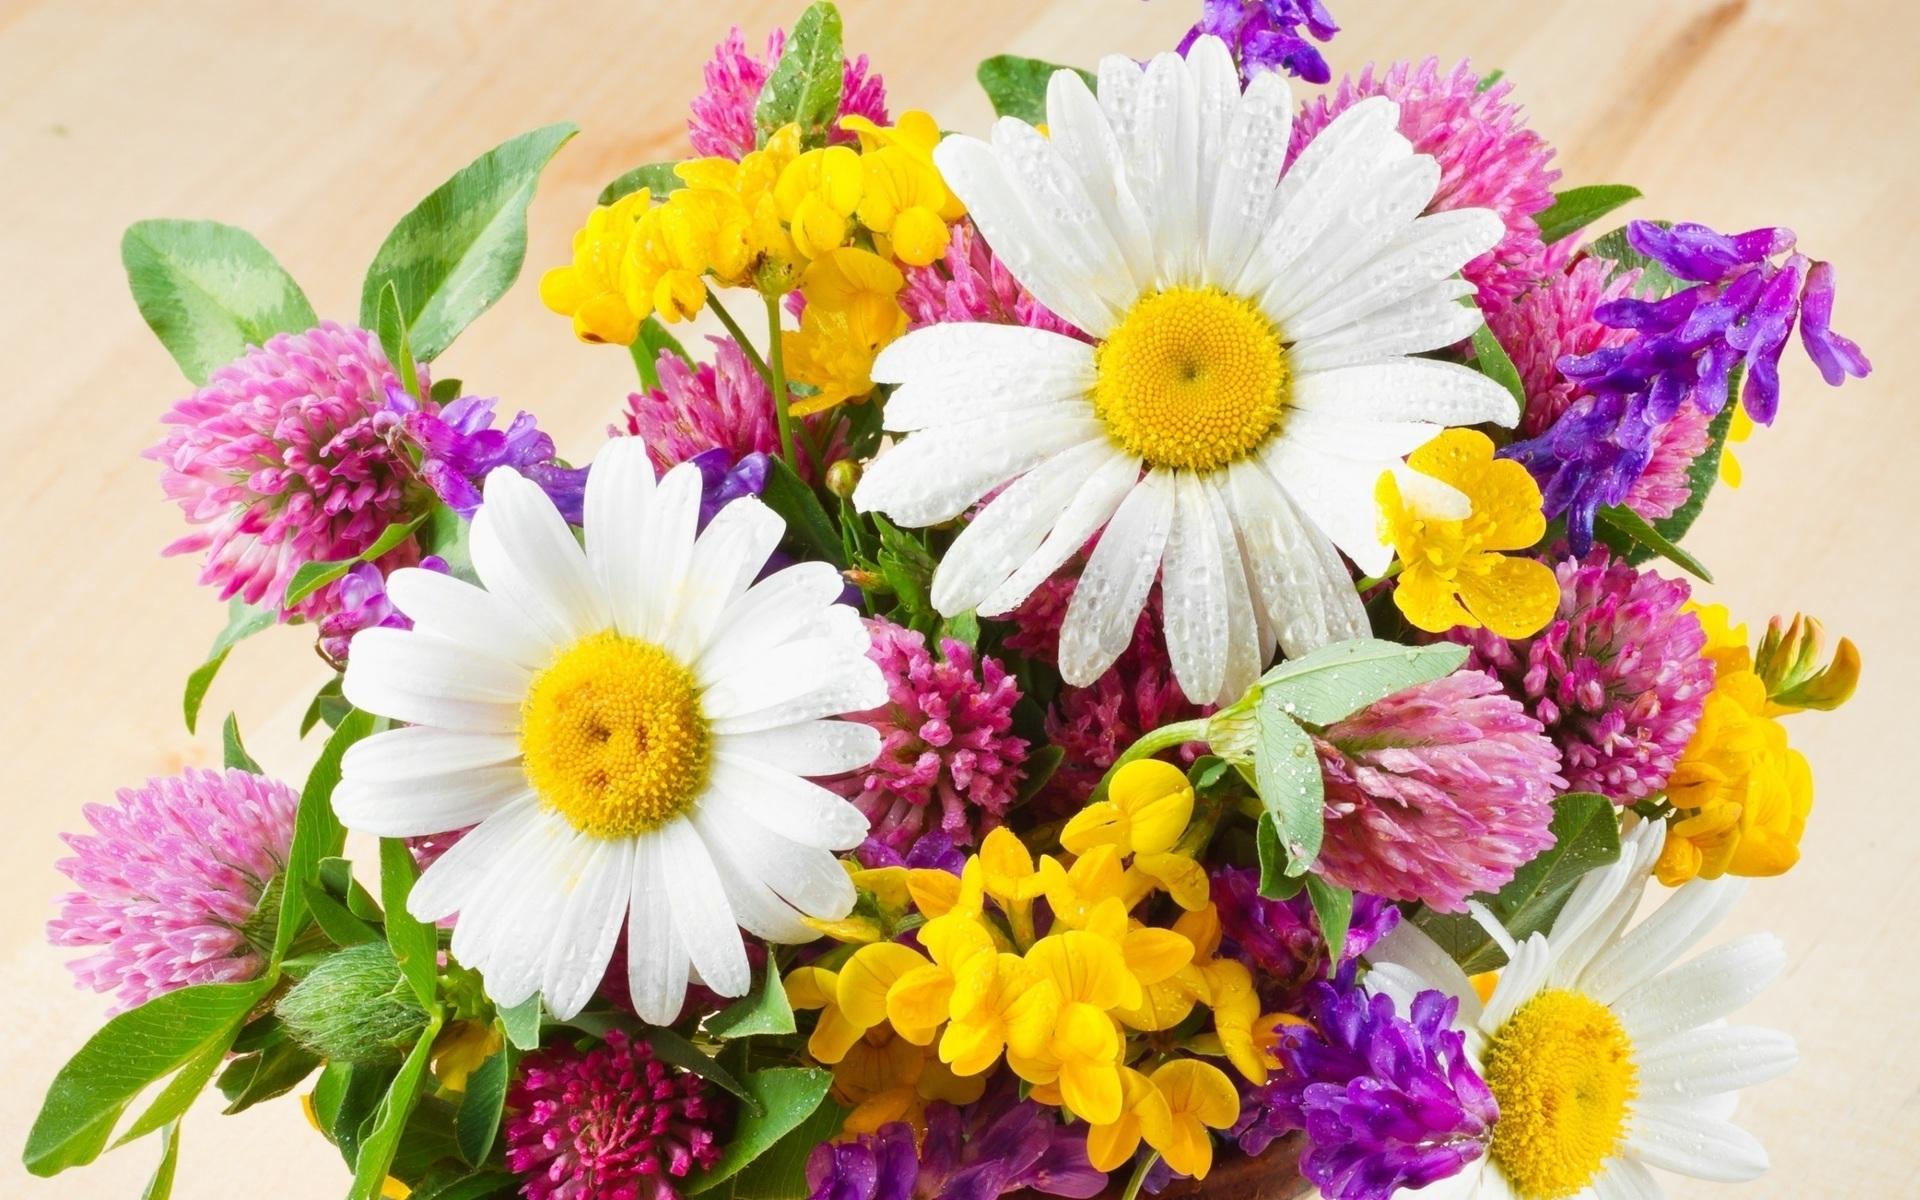 577cacc0784 Букет полевых цветов скачать фото обои для рабочего стола